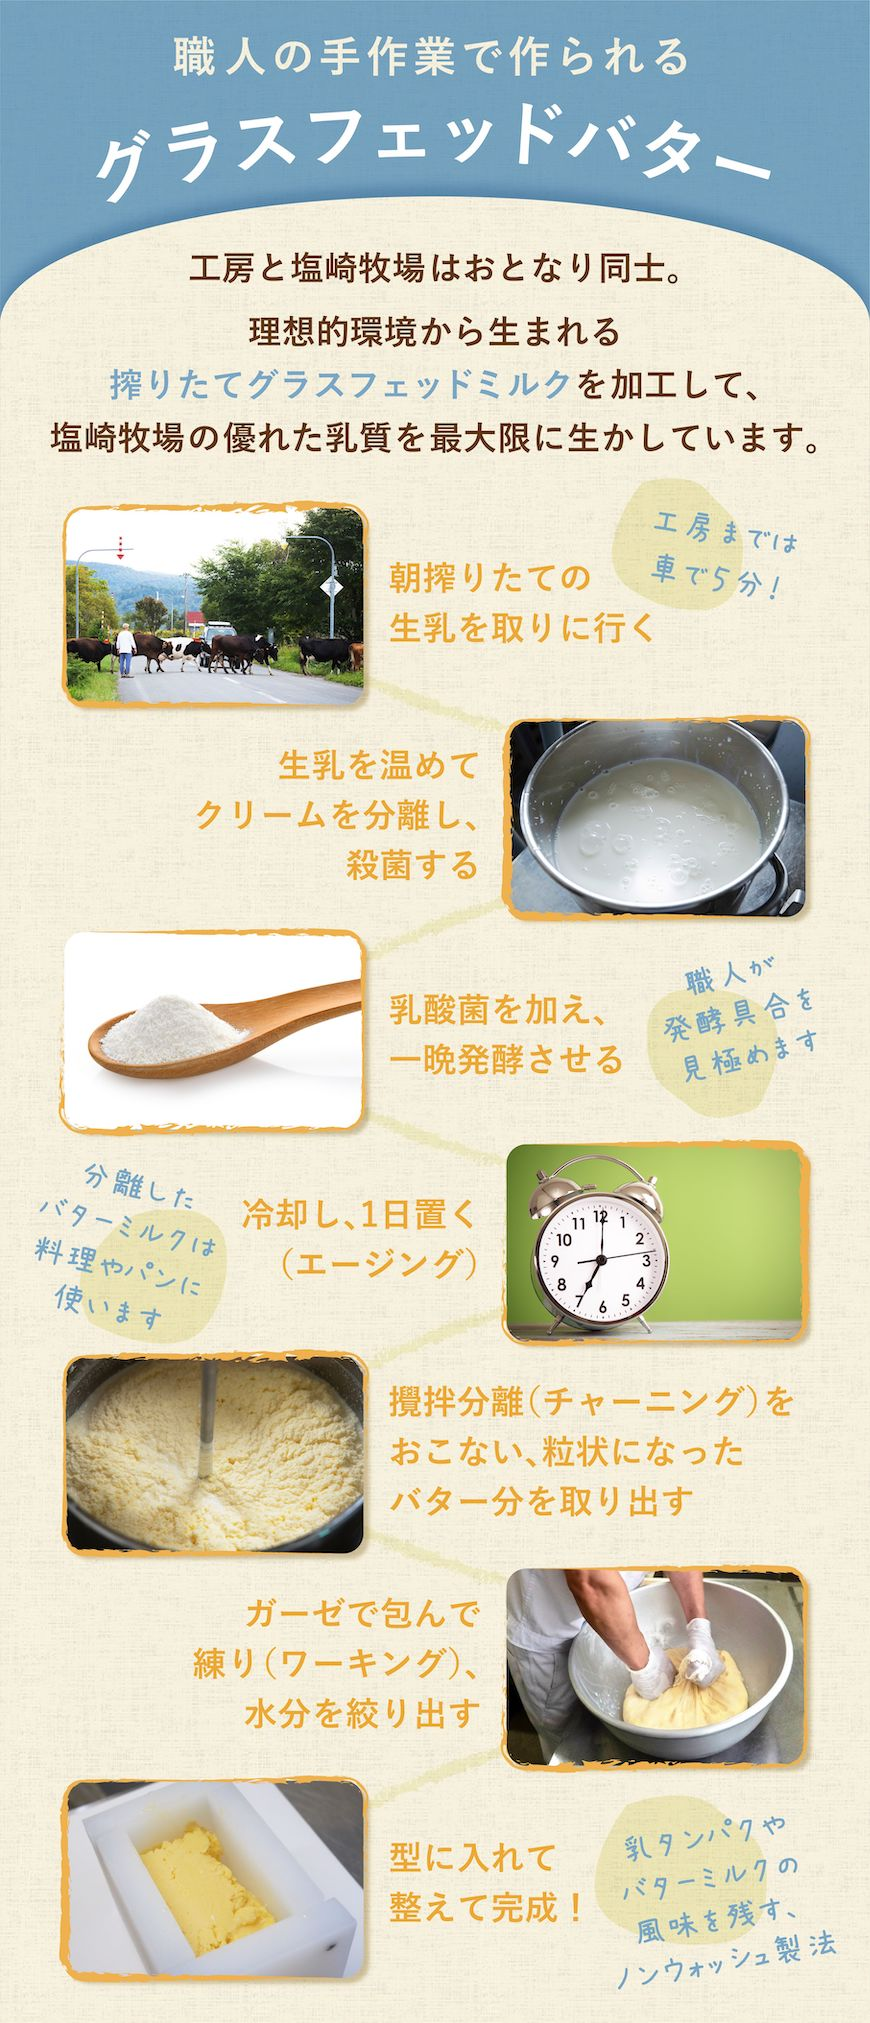 グラスフェッドバターの製造工程